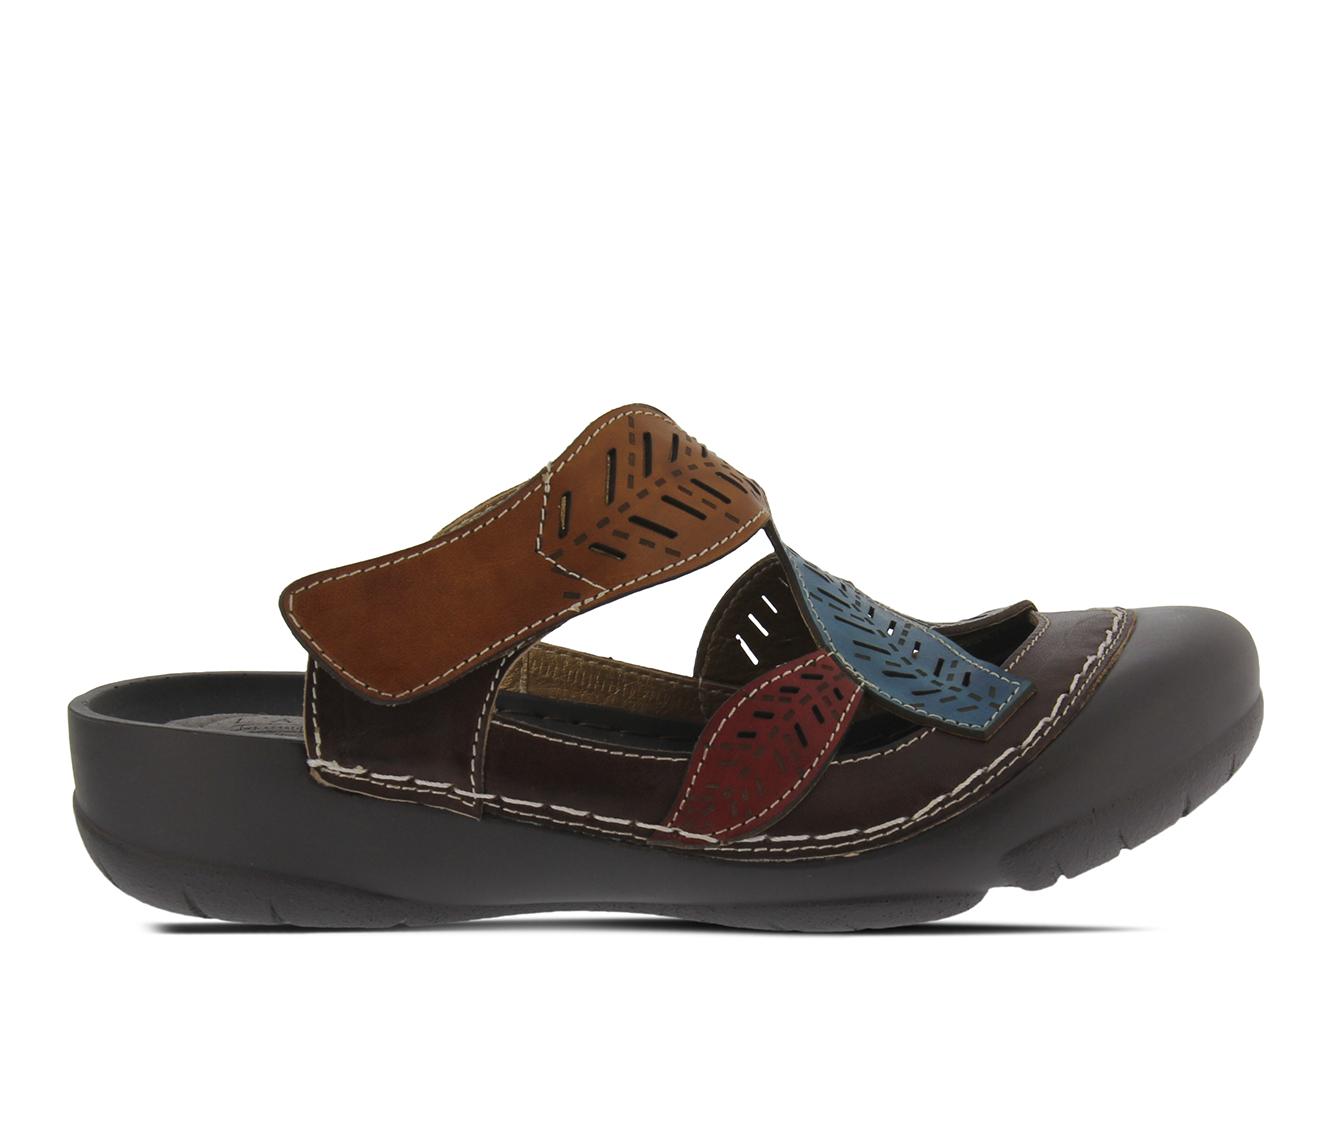 L'Artiste Jexa Women's Shoe (Brown Leather)